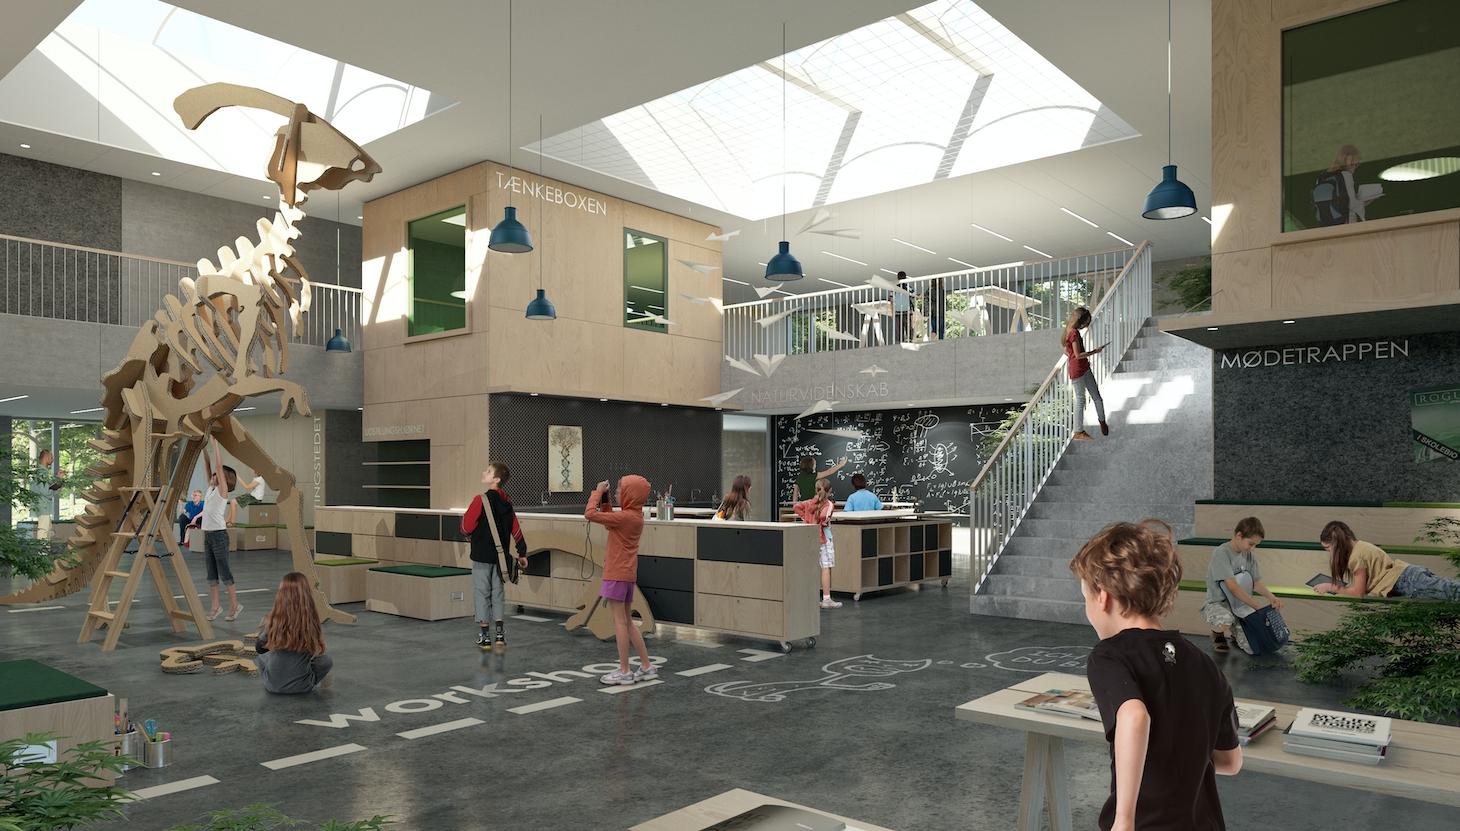 FRIIS & MOLTKE prækvalificeret til forslag på en ny skole i Skærbæk